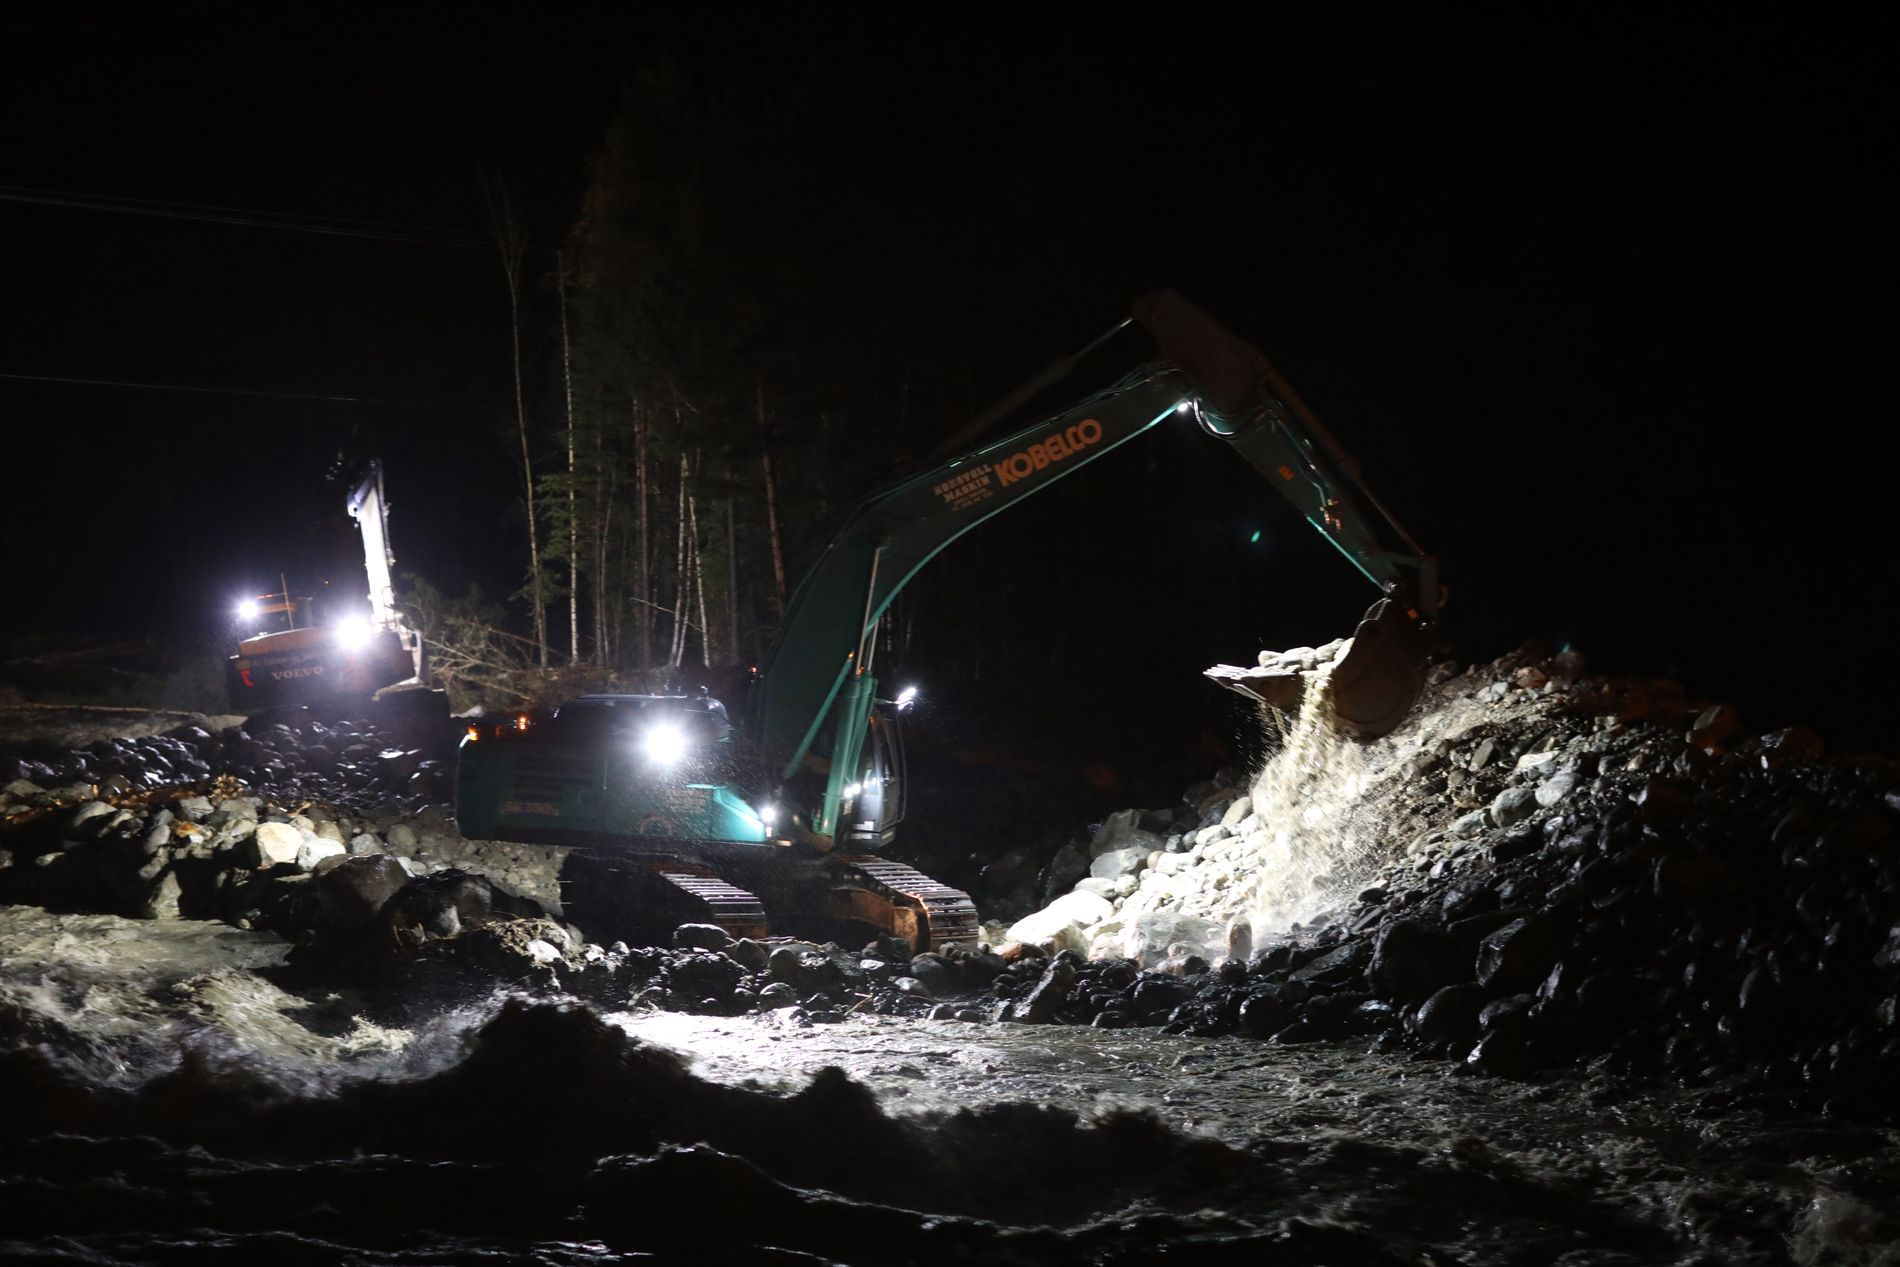 KRISETILTAK:  Krisetiltakene fortsetter langs veien mot Skjåk utover natten. Store gravemaskiner rydder i eleven for bedre vannføringen.